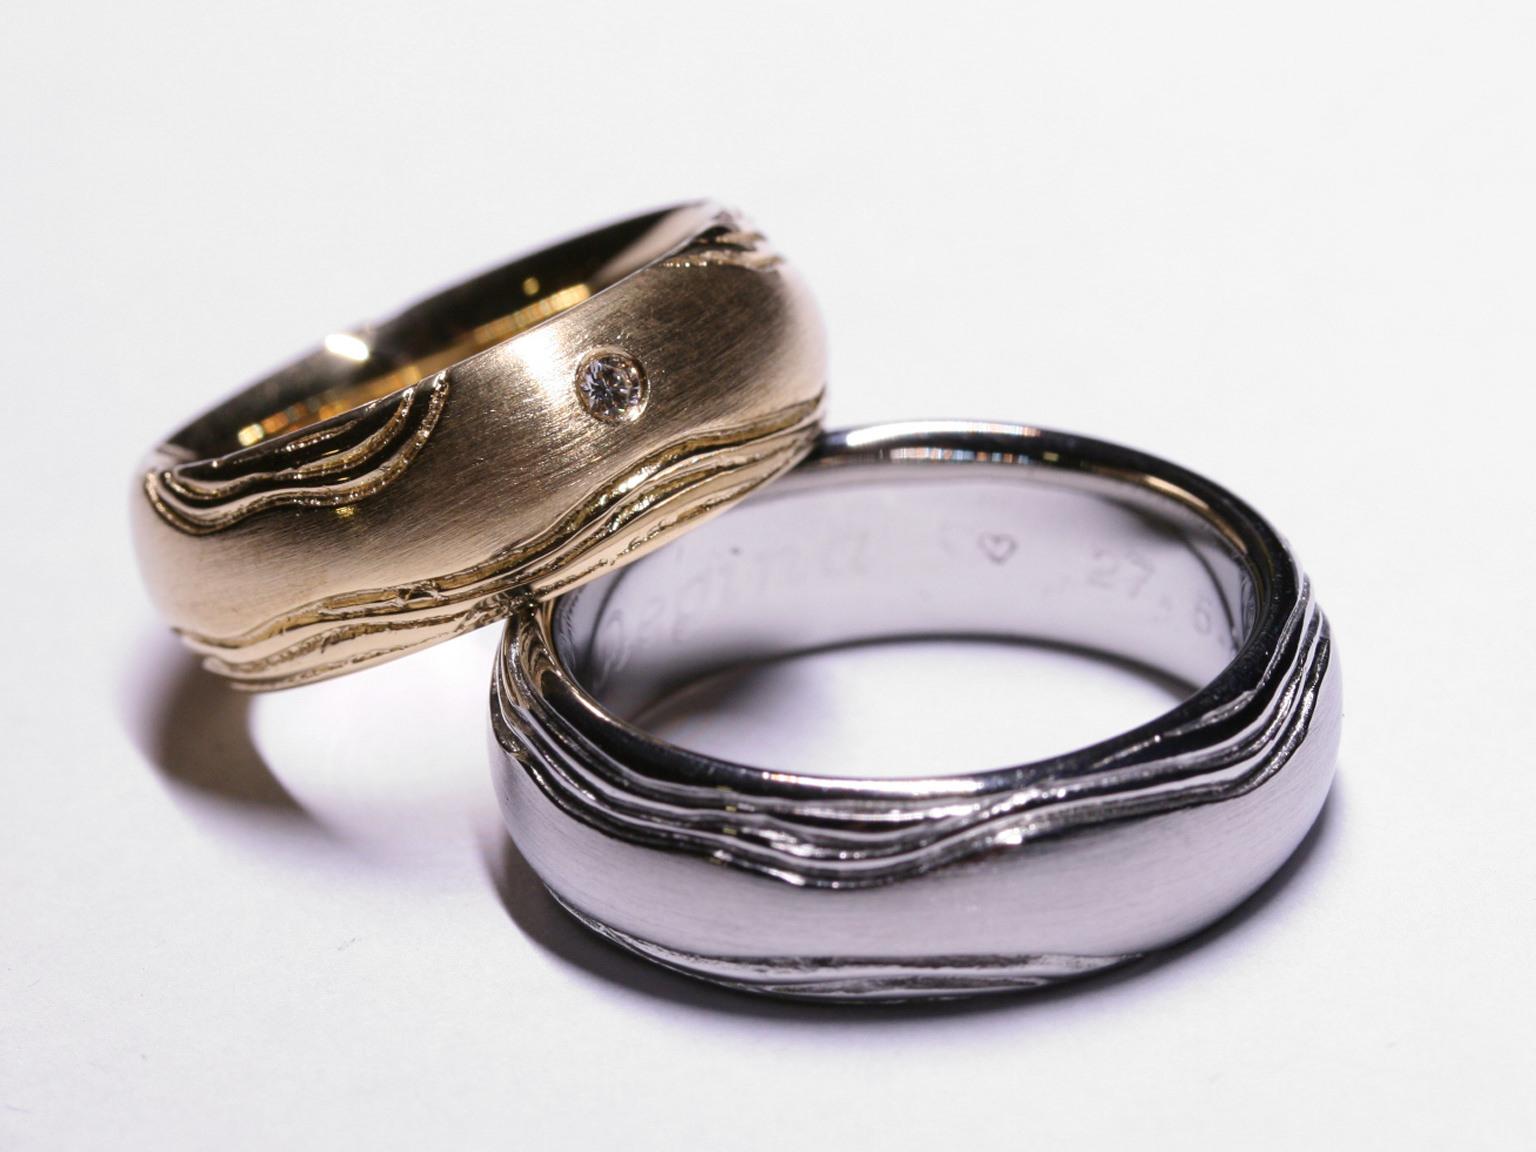 Eheringe St. Gallen - Handgefertigte Unikate In Gold, Silber